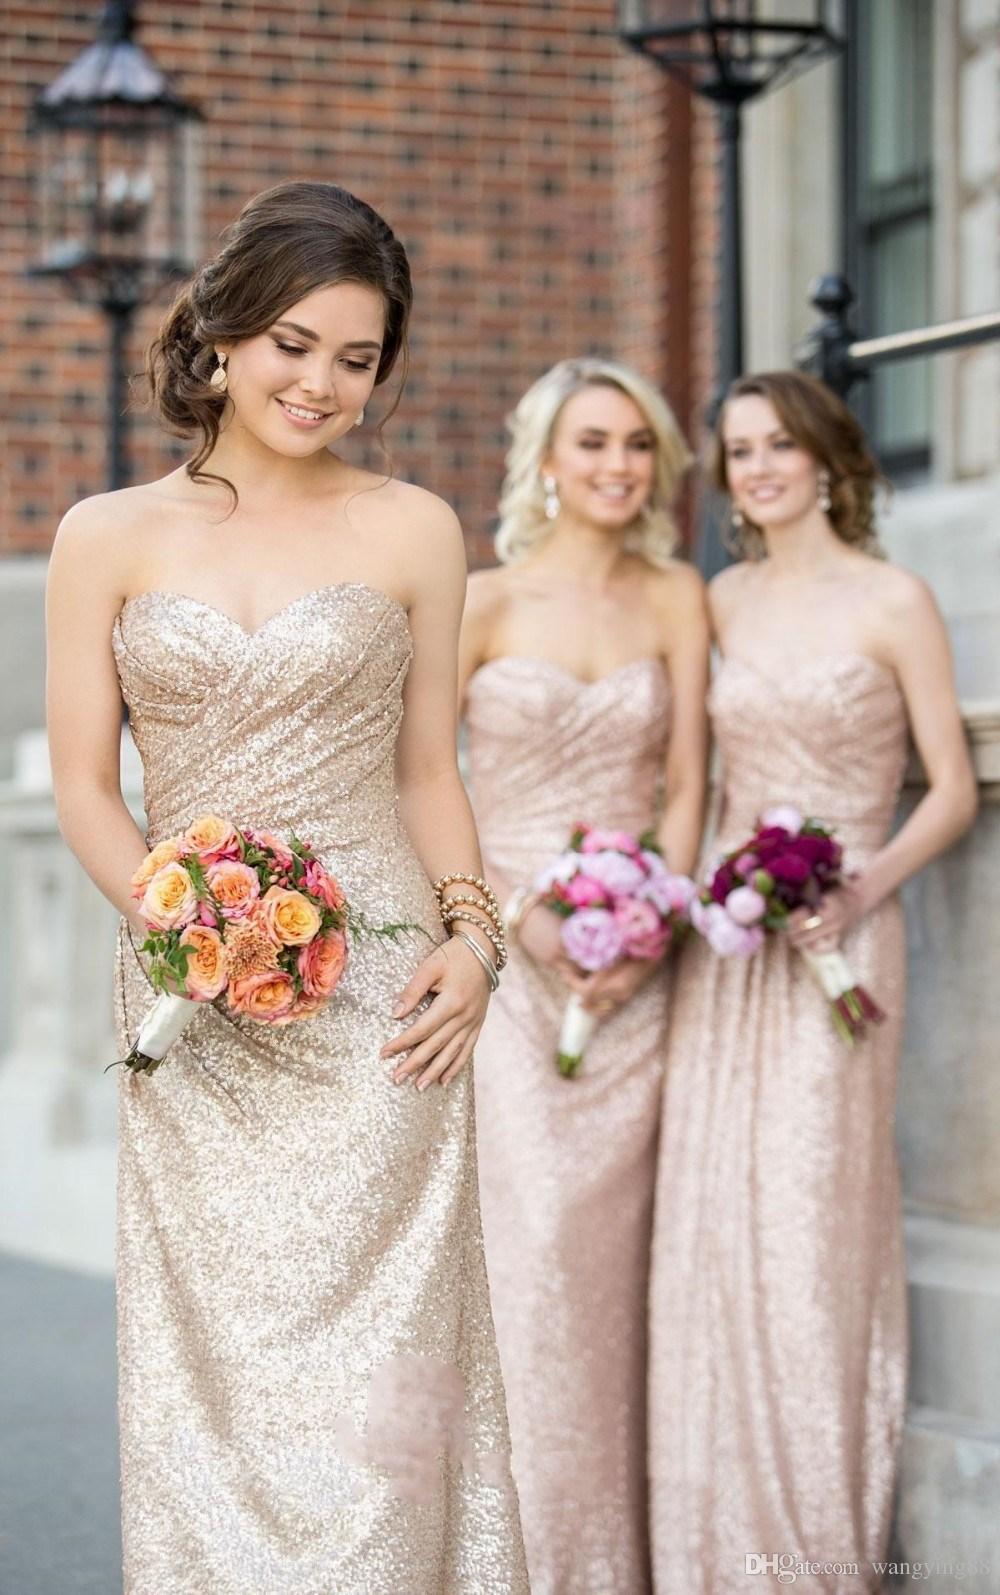 Sweetheart Strapless Sequin Bridesmaid Dress Rose Gold A Line Sheath Dress For Women Cheap Long Floor-Length Dress